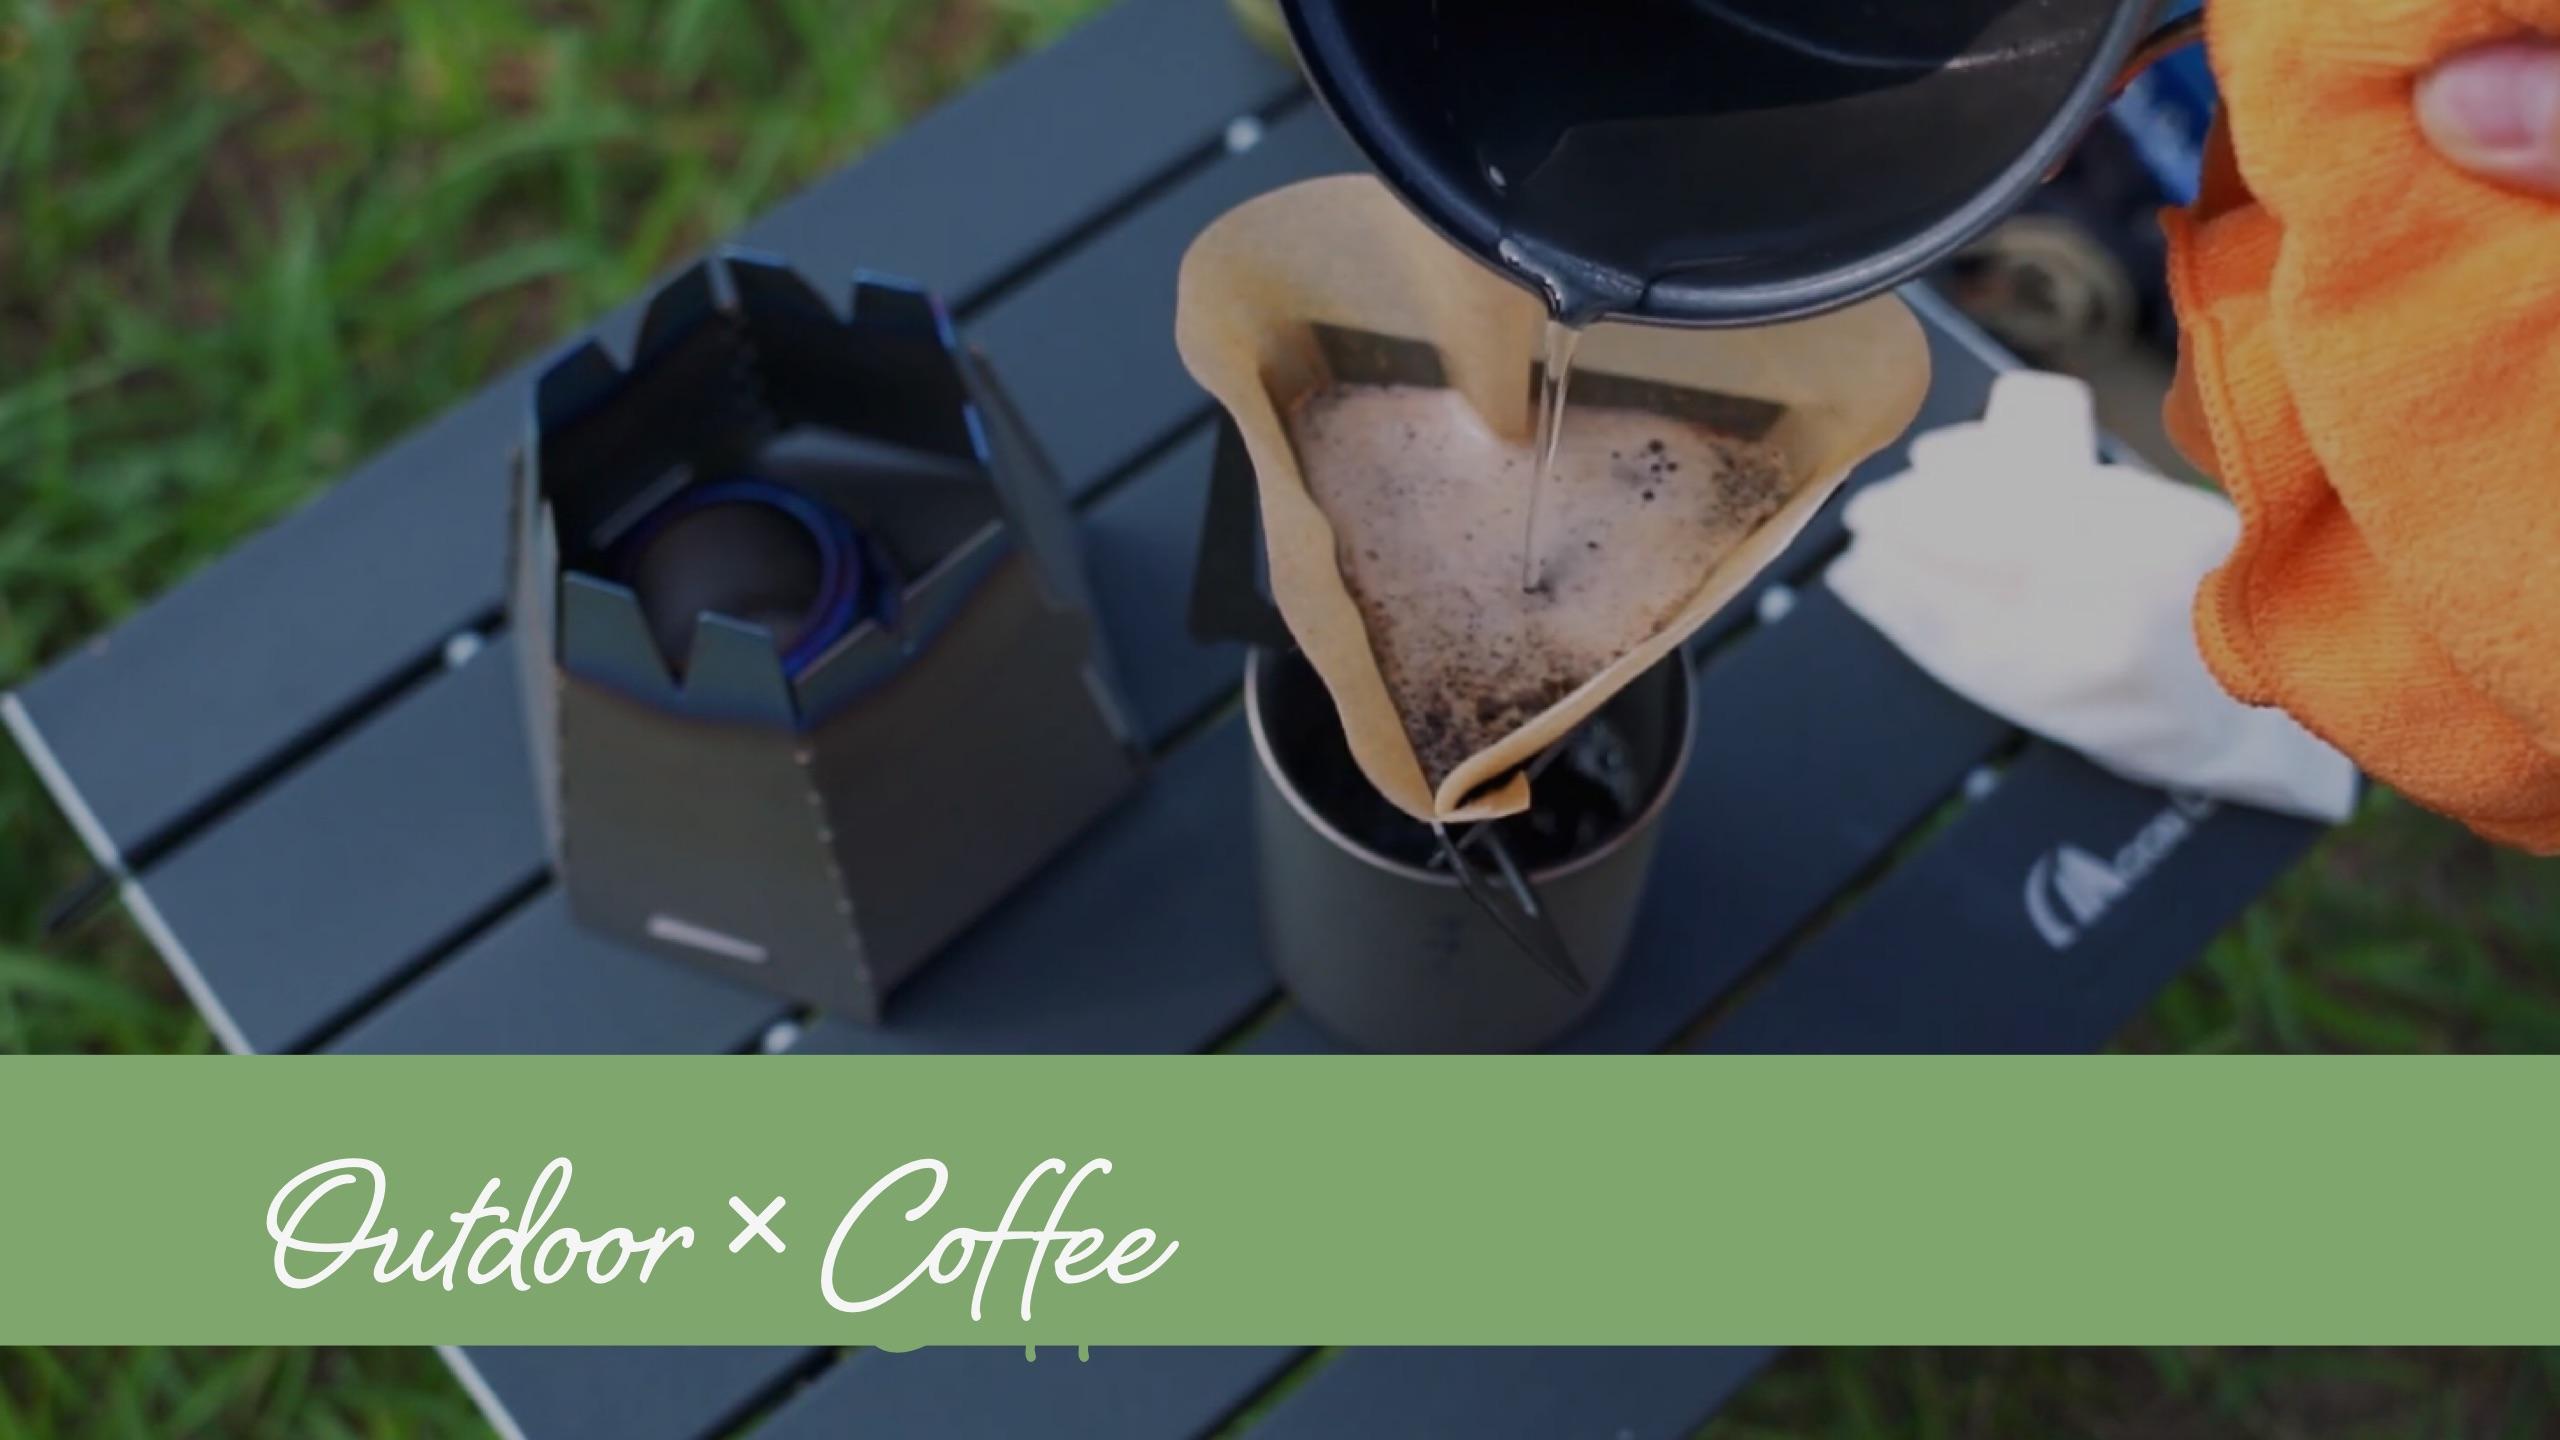 アウトドア×コーヒーが至高!今すぐ始めるためのおすすめ道具セット【豆から楽しむ本格派】